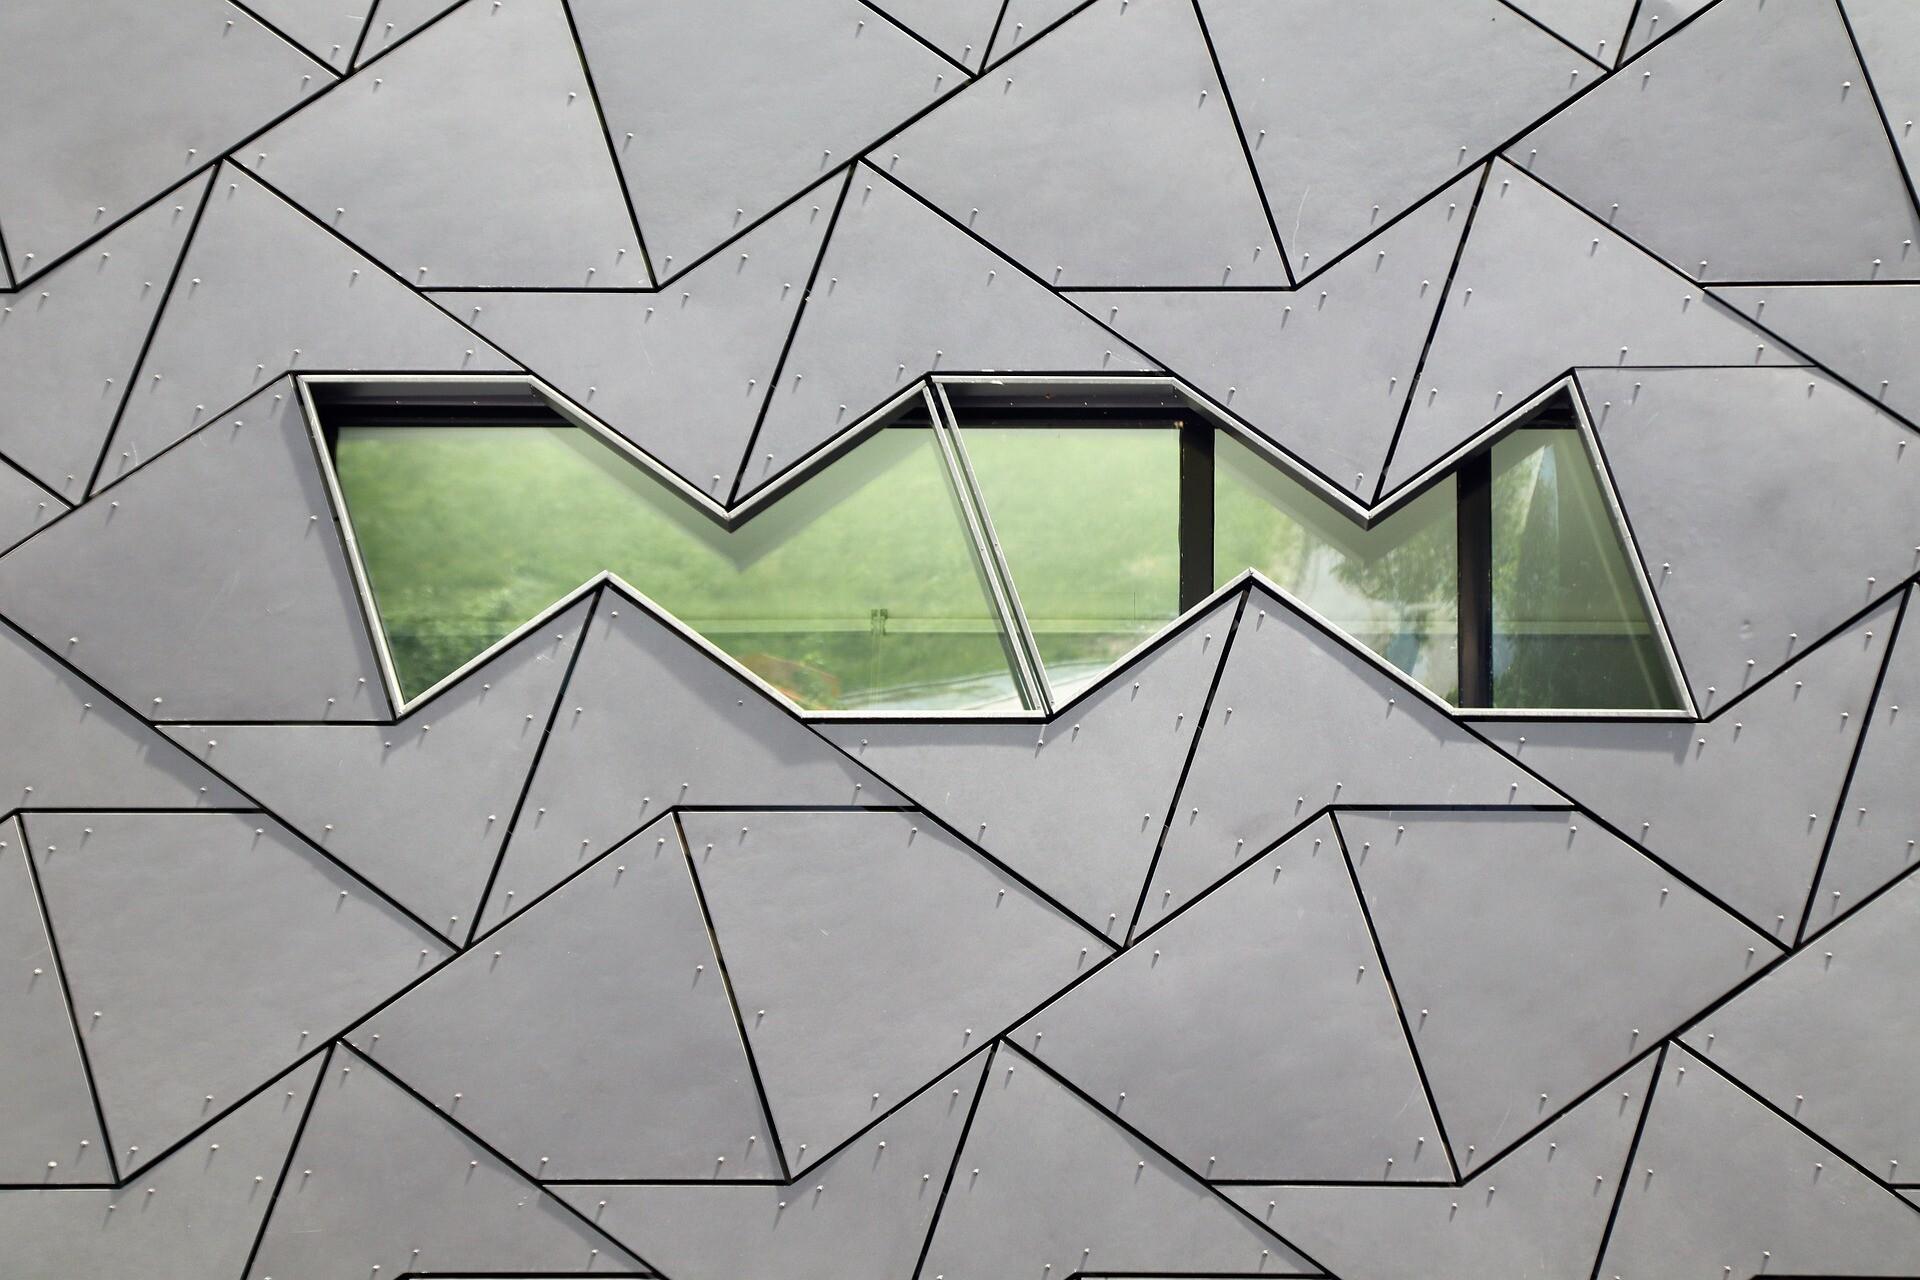 Premio-a-la-excelencia-en-la-arquitectura-sostenible-alt